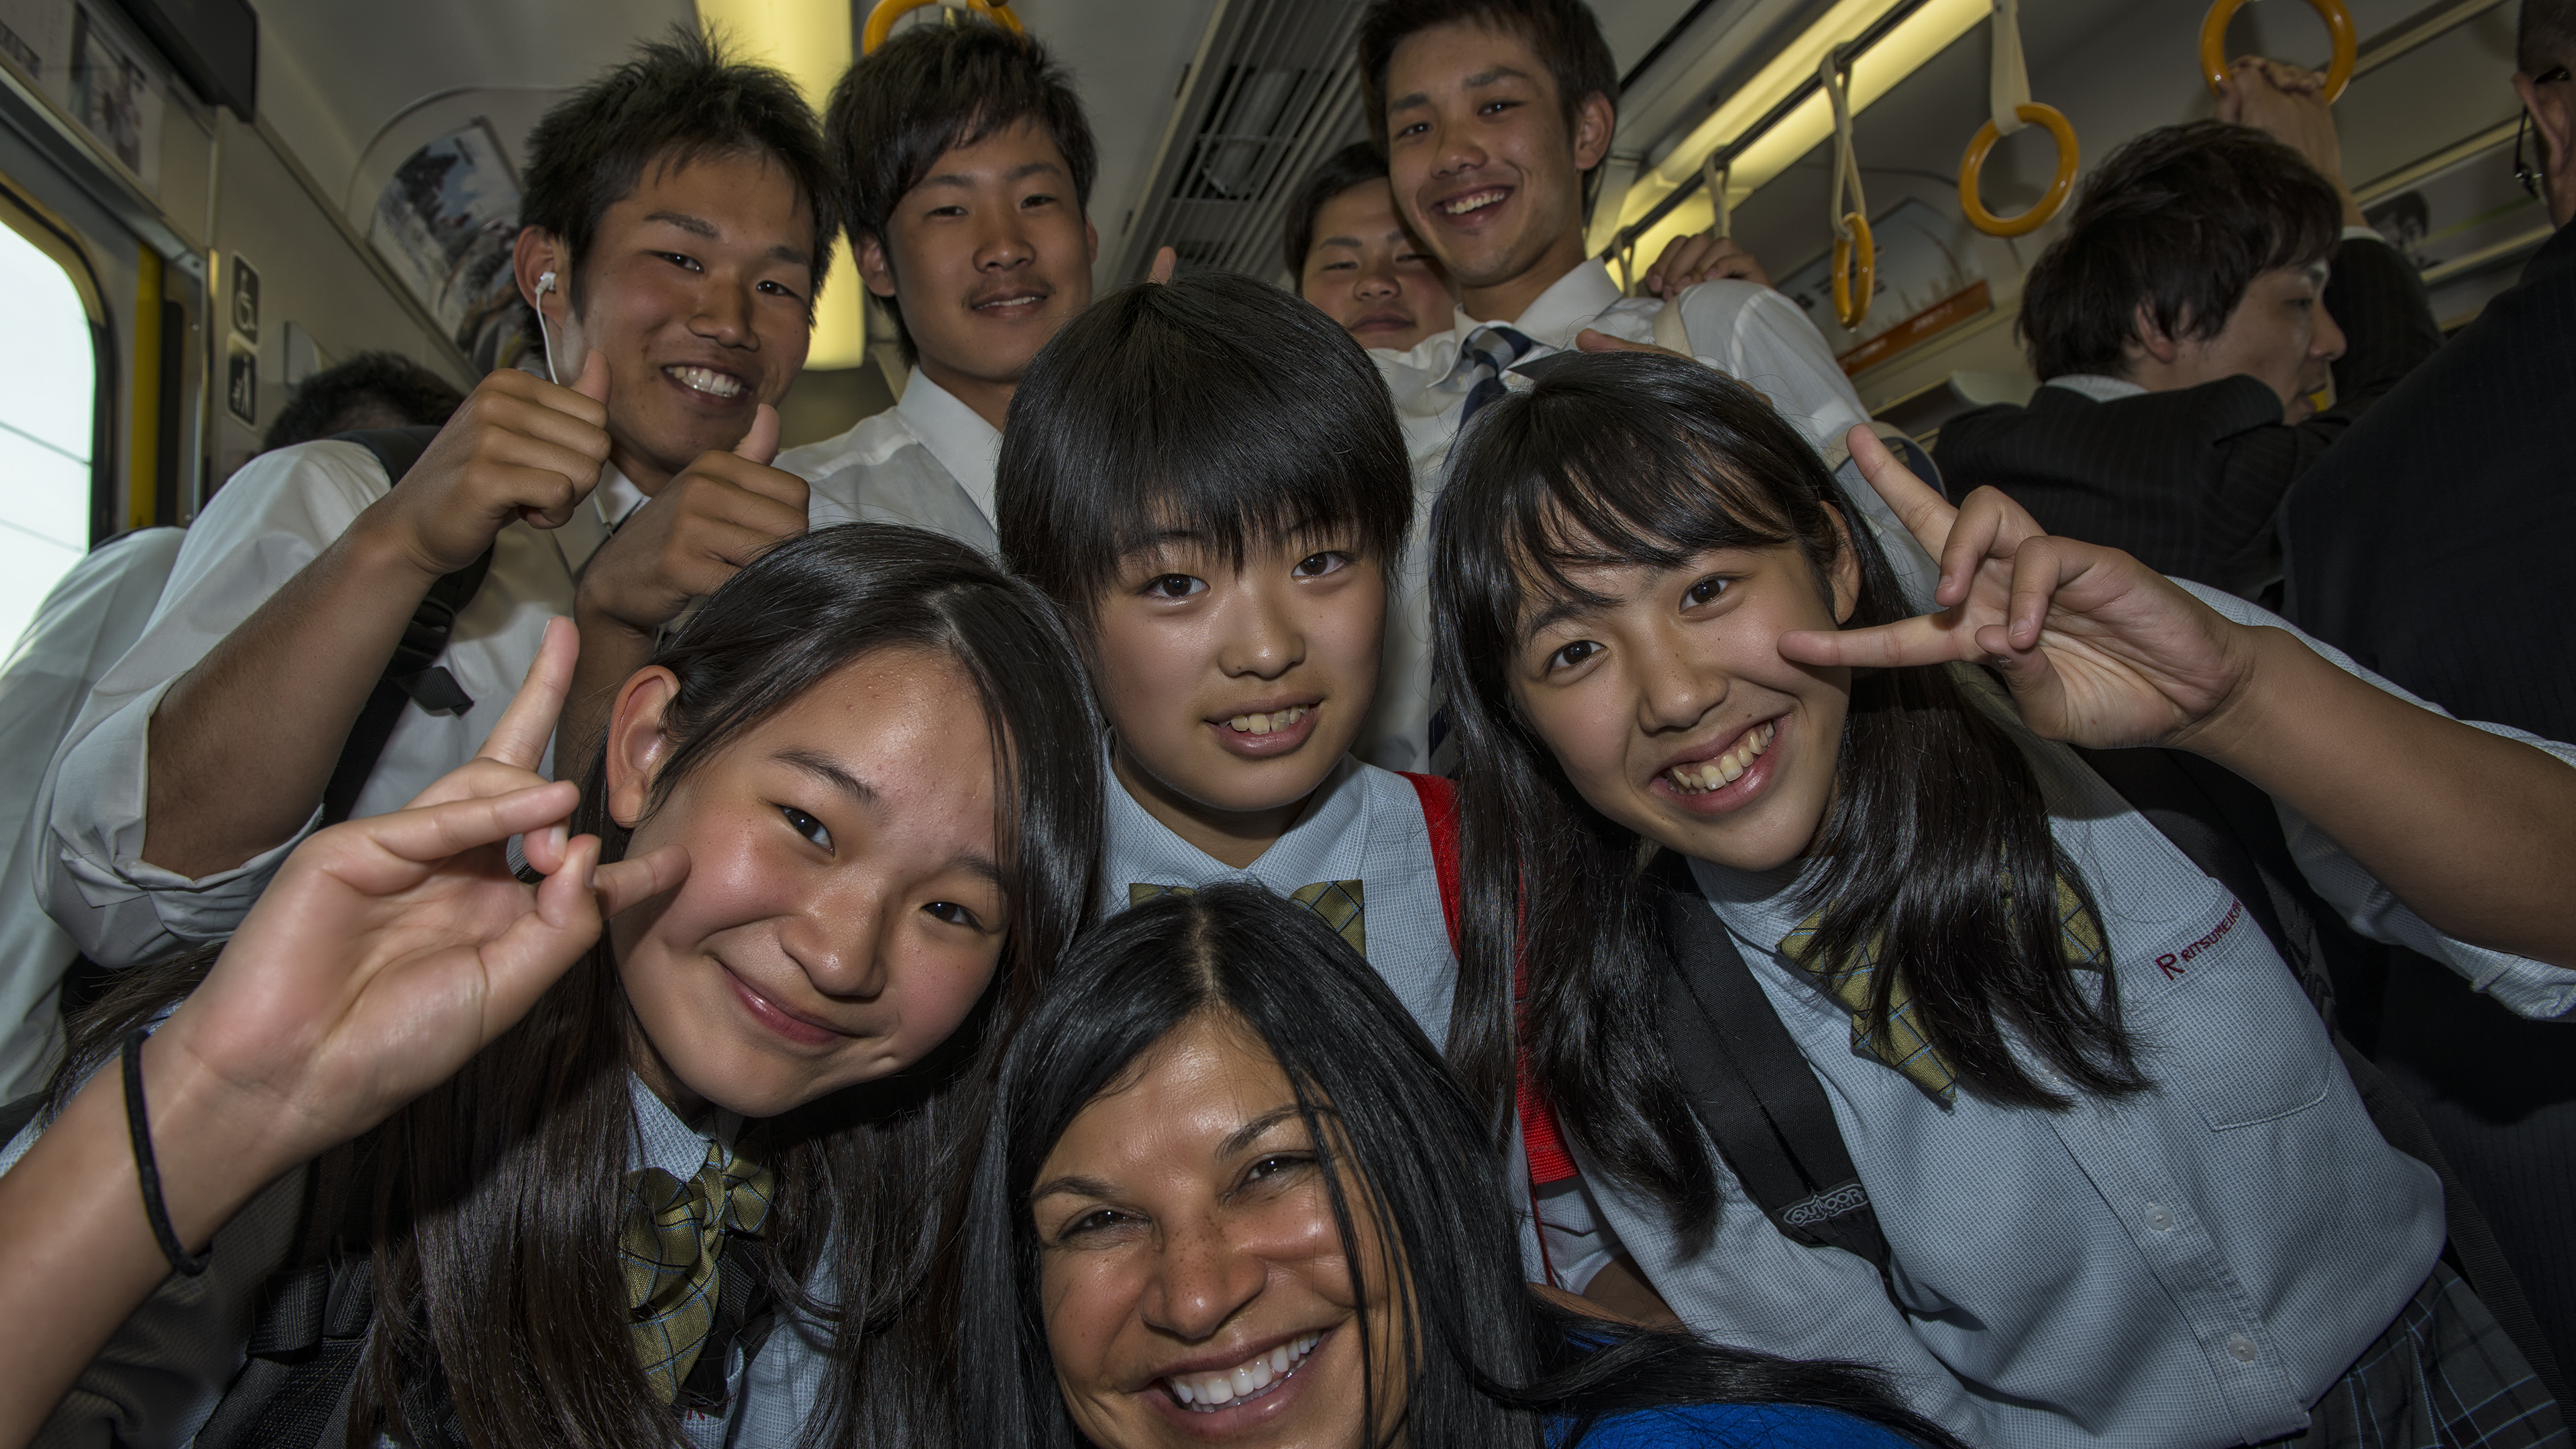 Train ride in Kyoto